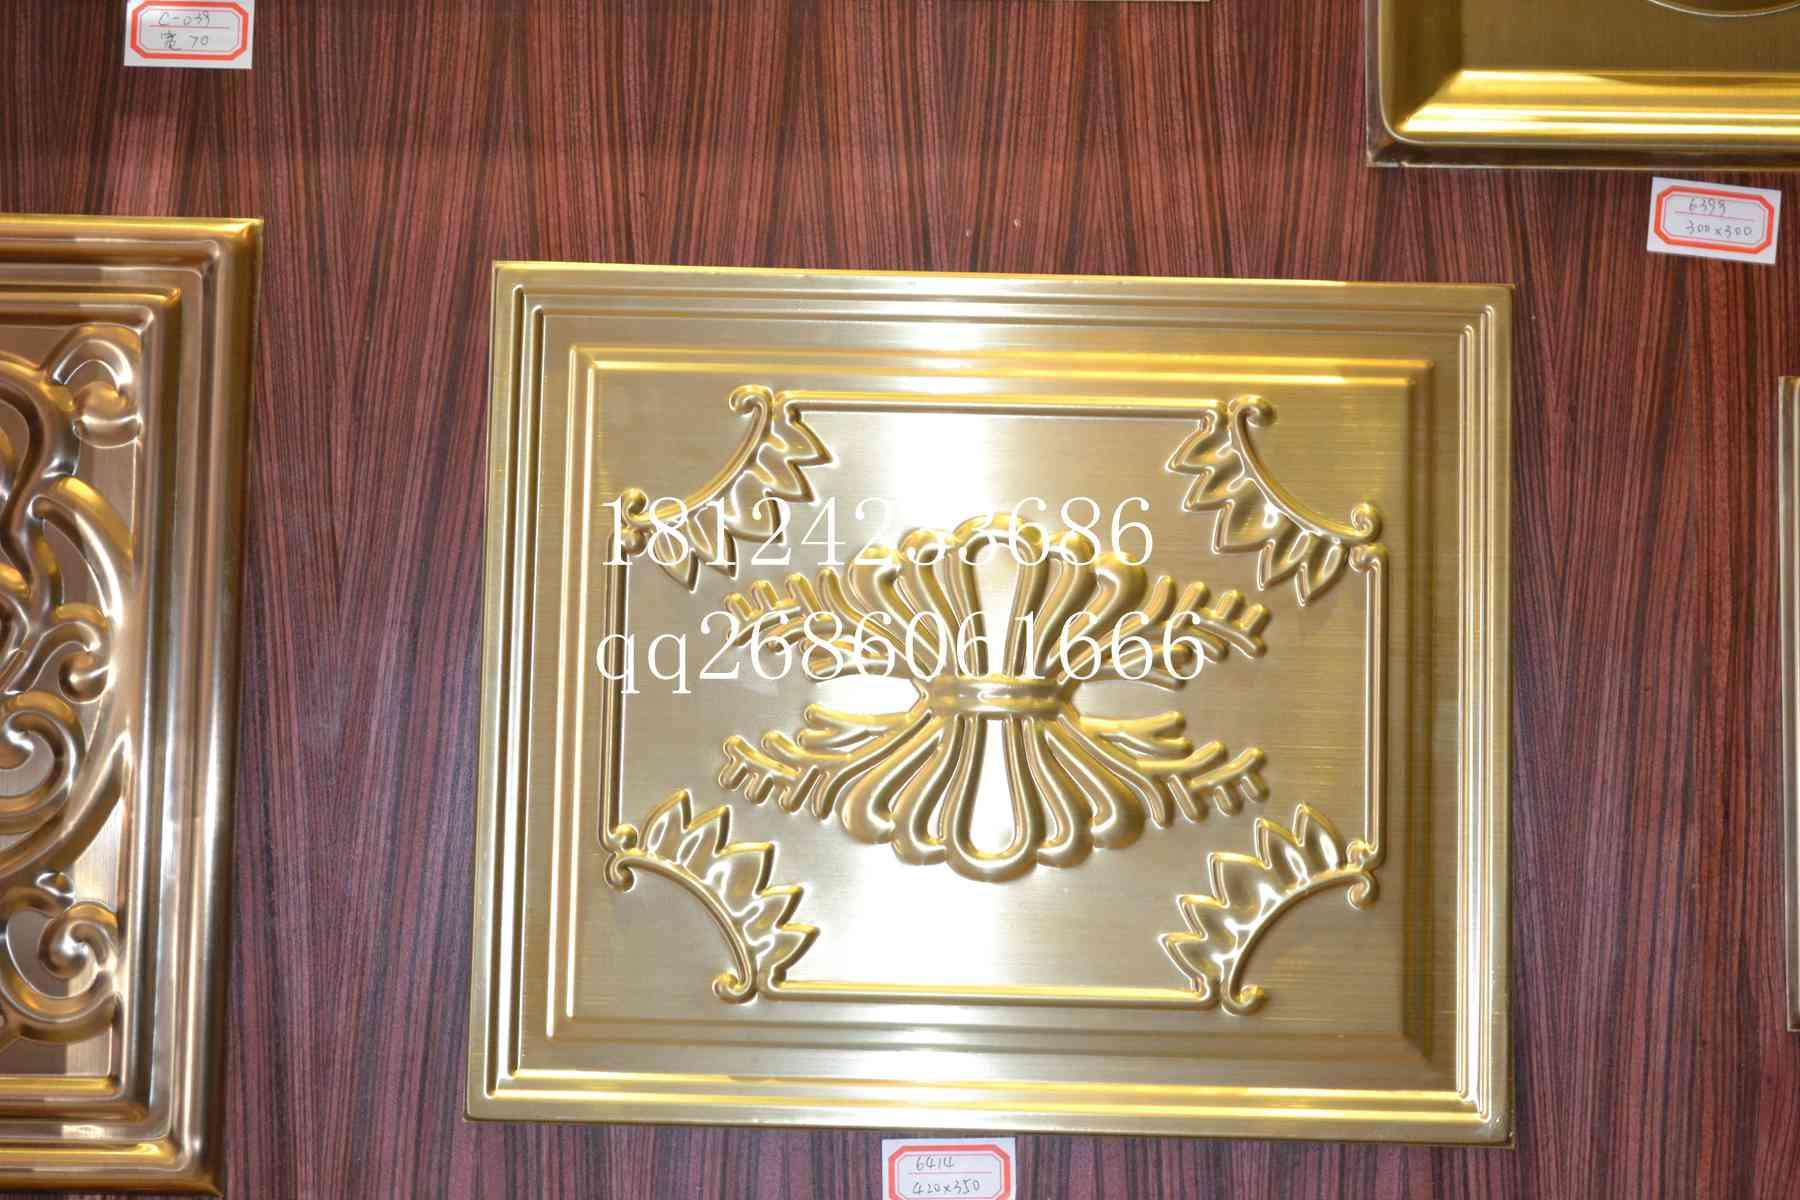 提供不锈钢板材 不锈钢线条 酒店会所装修必须品7941455